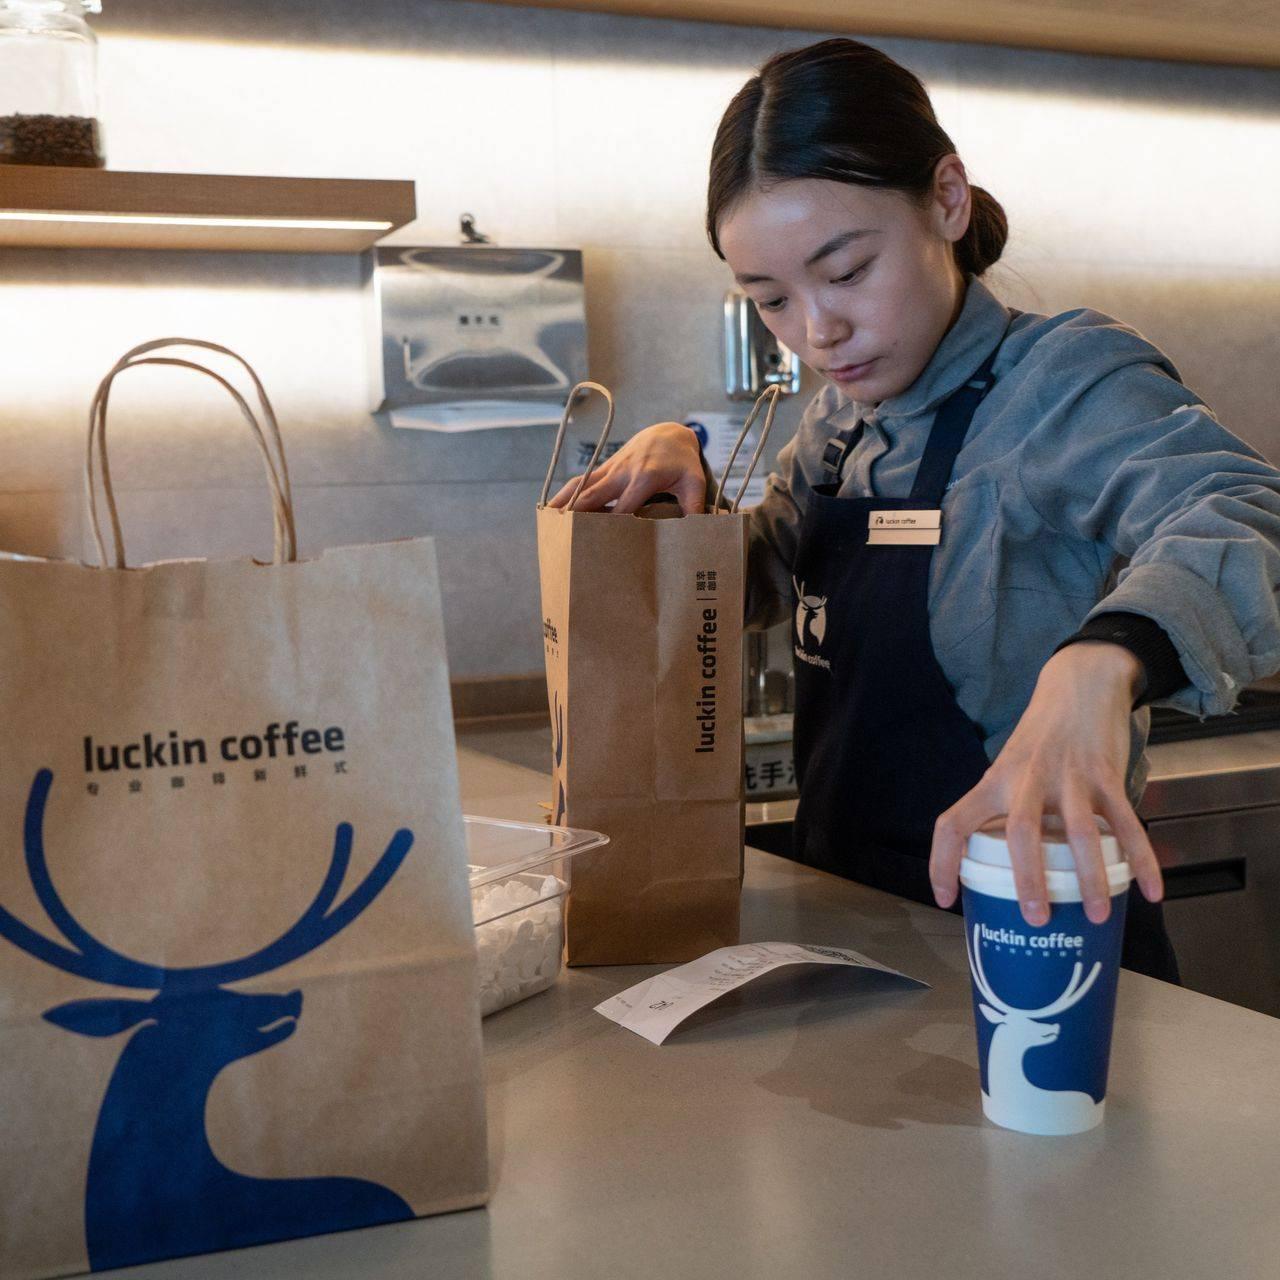 Luckin Coffe, mesmo com lojas convencionais, aproveitou desta estratégia para expandir sua marca investindo menos nas áreas com potencial de desenvolvimento de novos clientes.